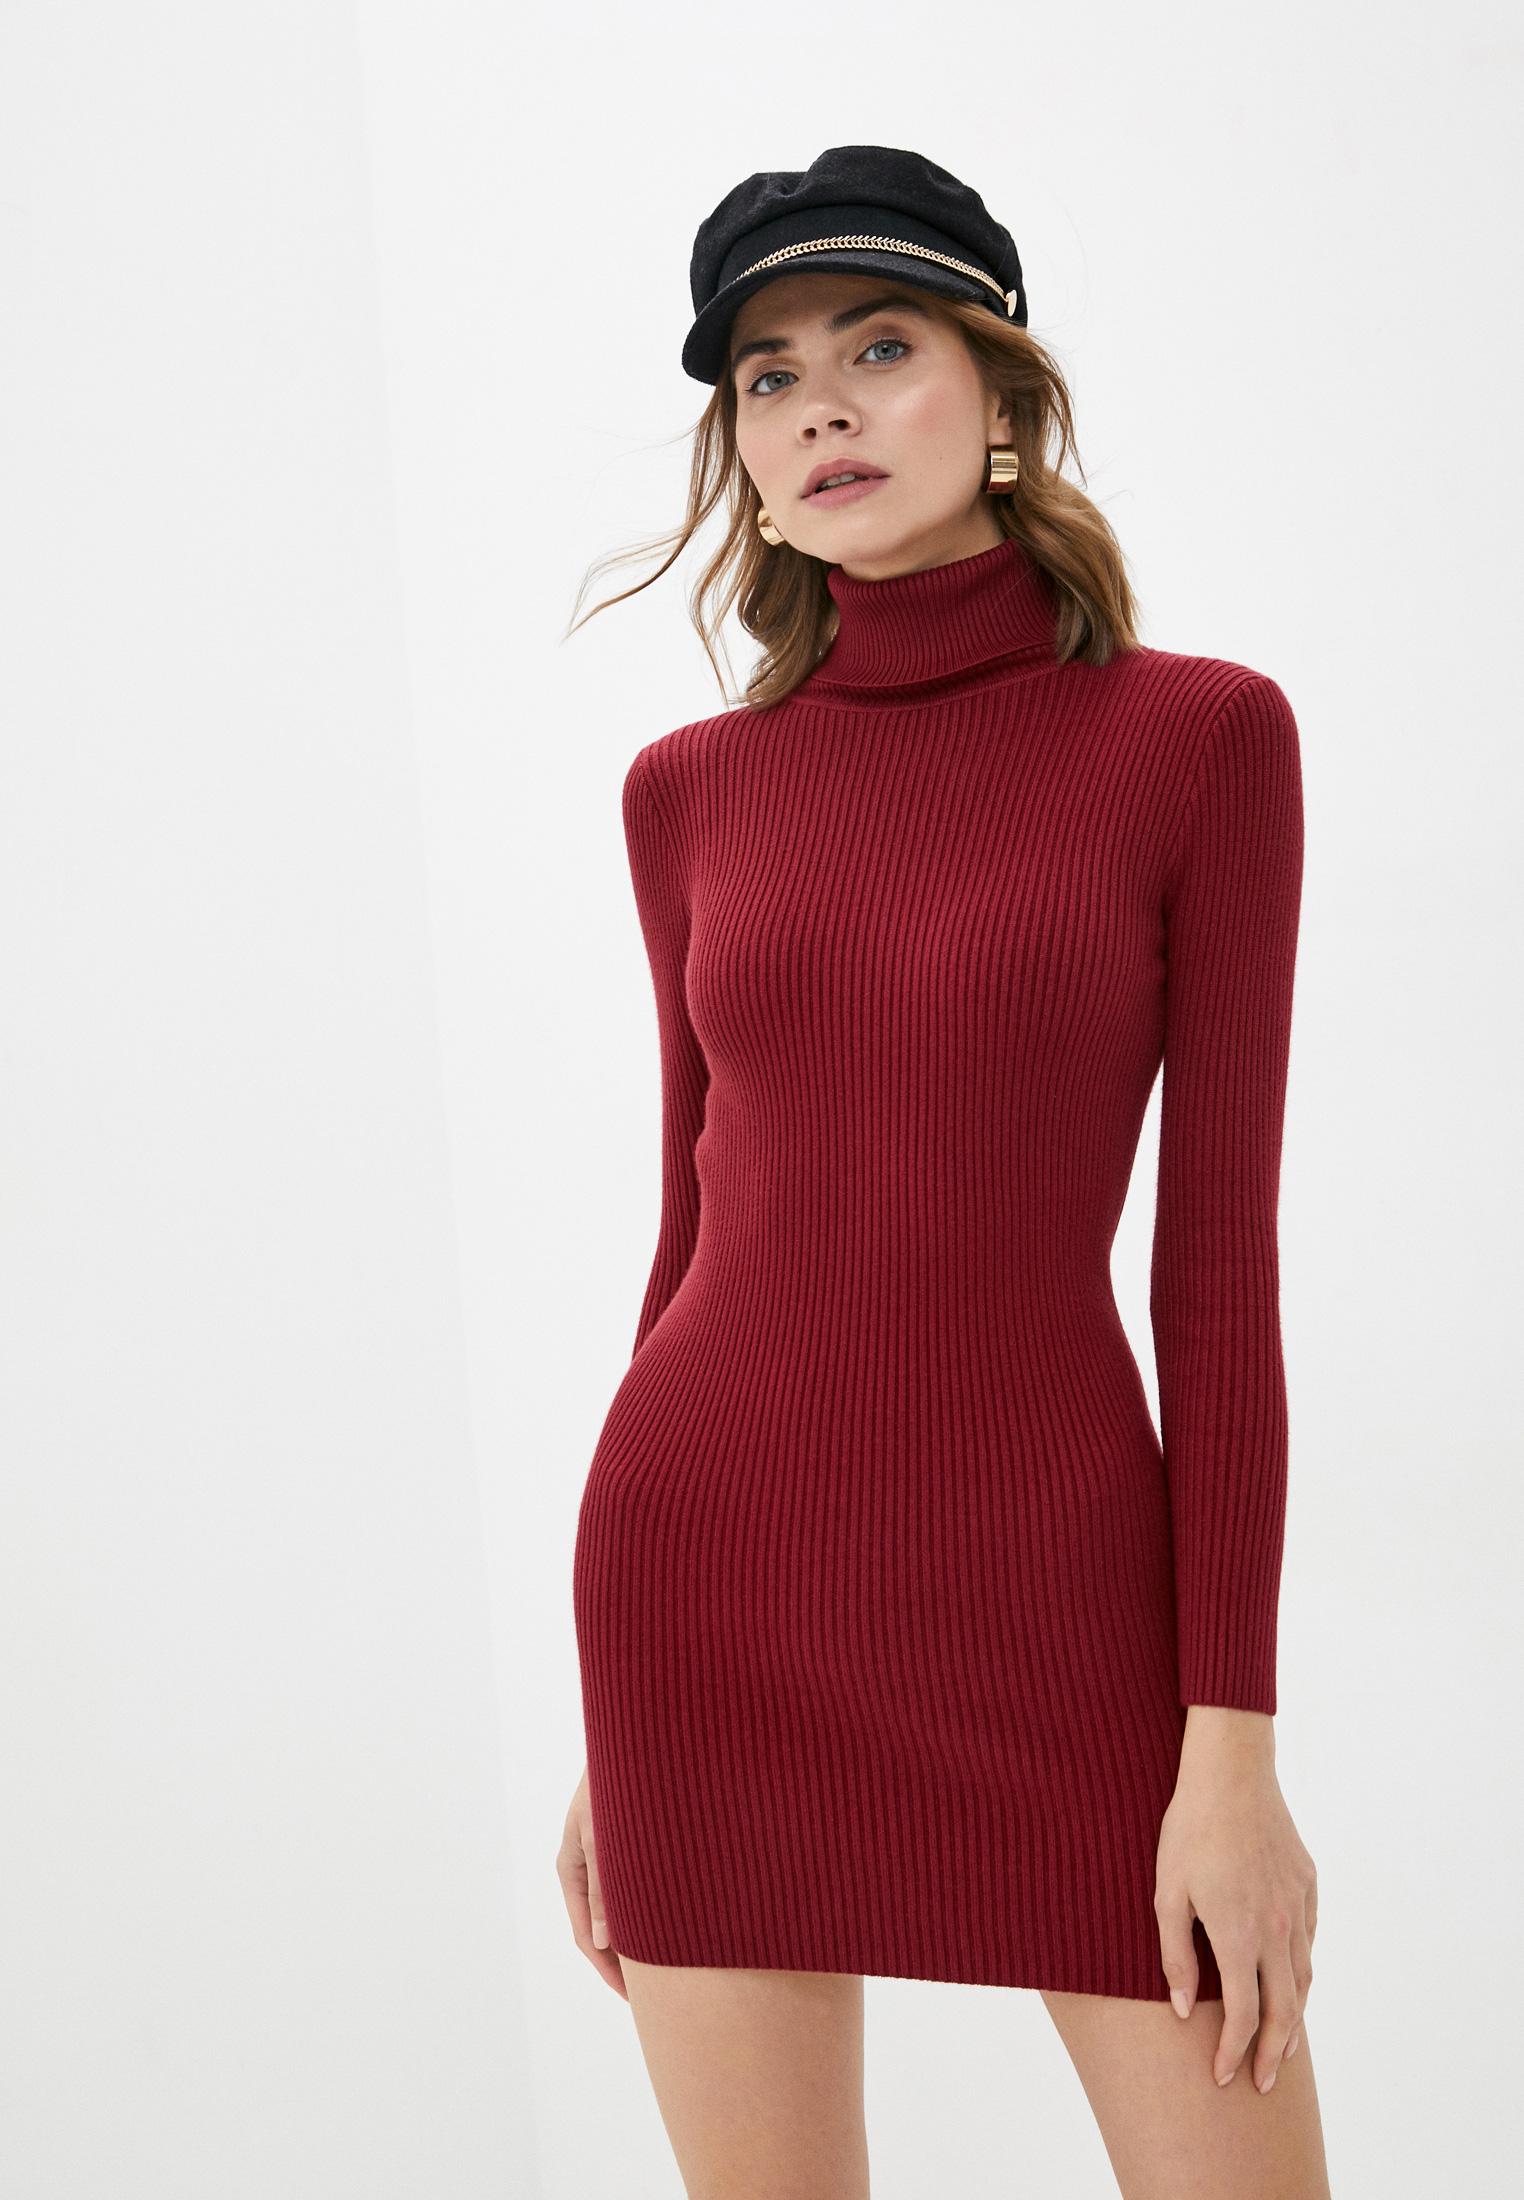 Вязаное платье Bigtora (Бигтора) D004